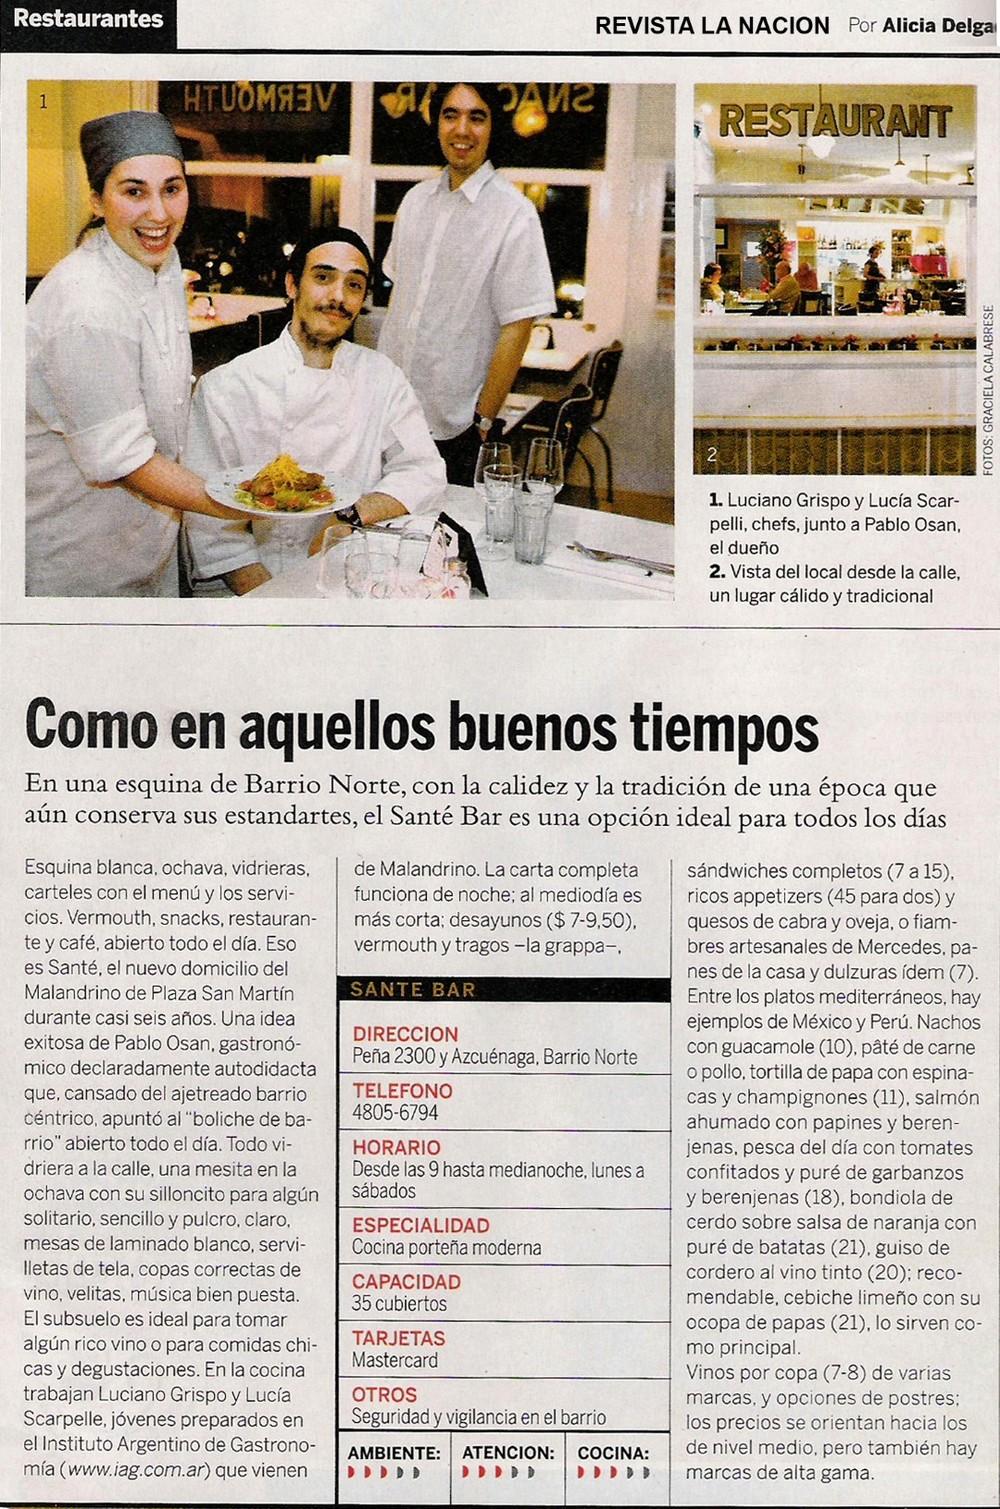 Revista La Nación - OCT/2007